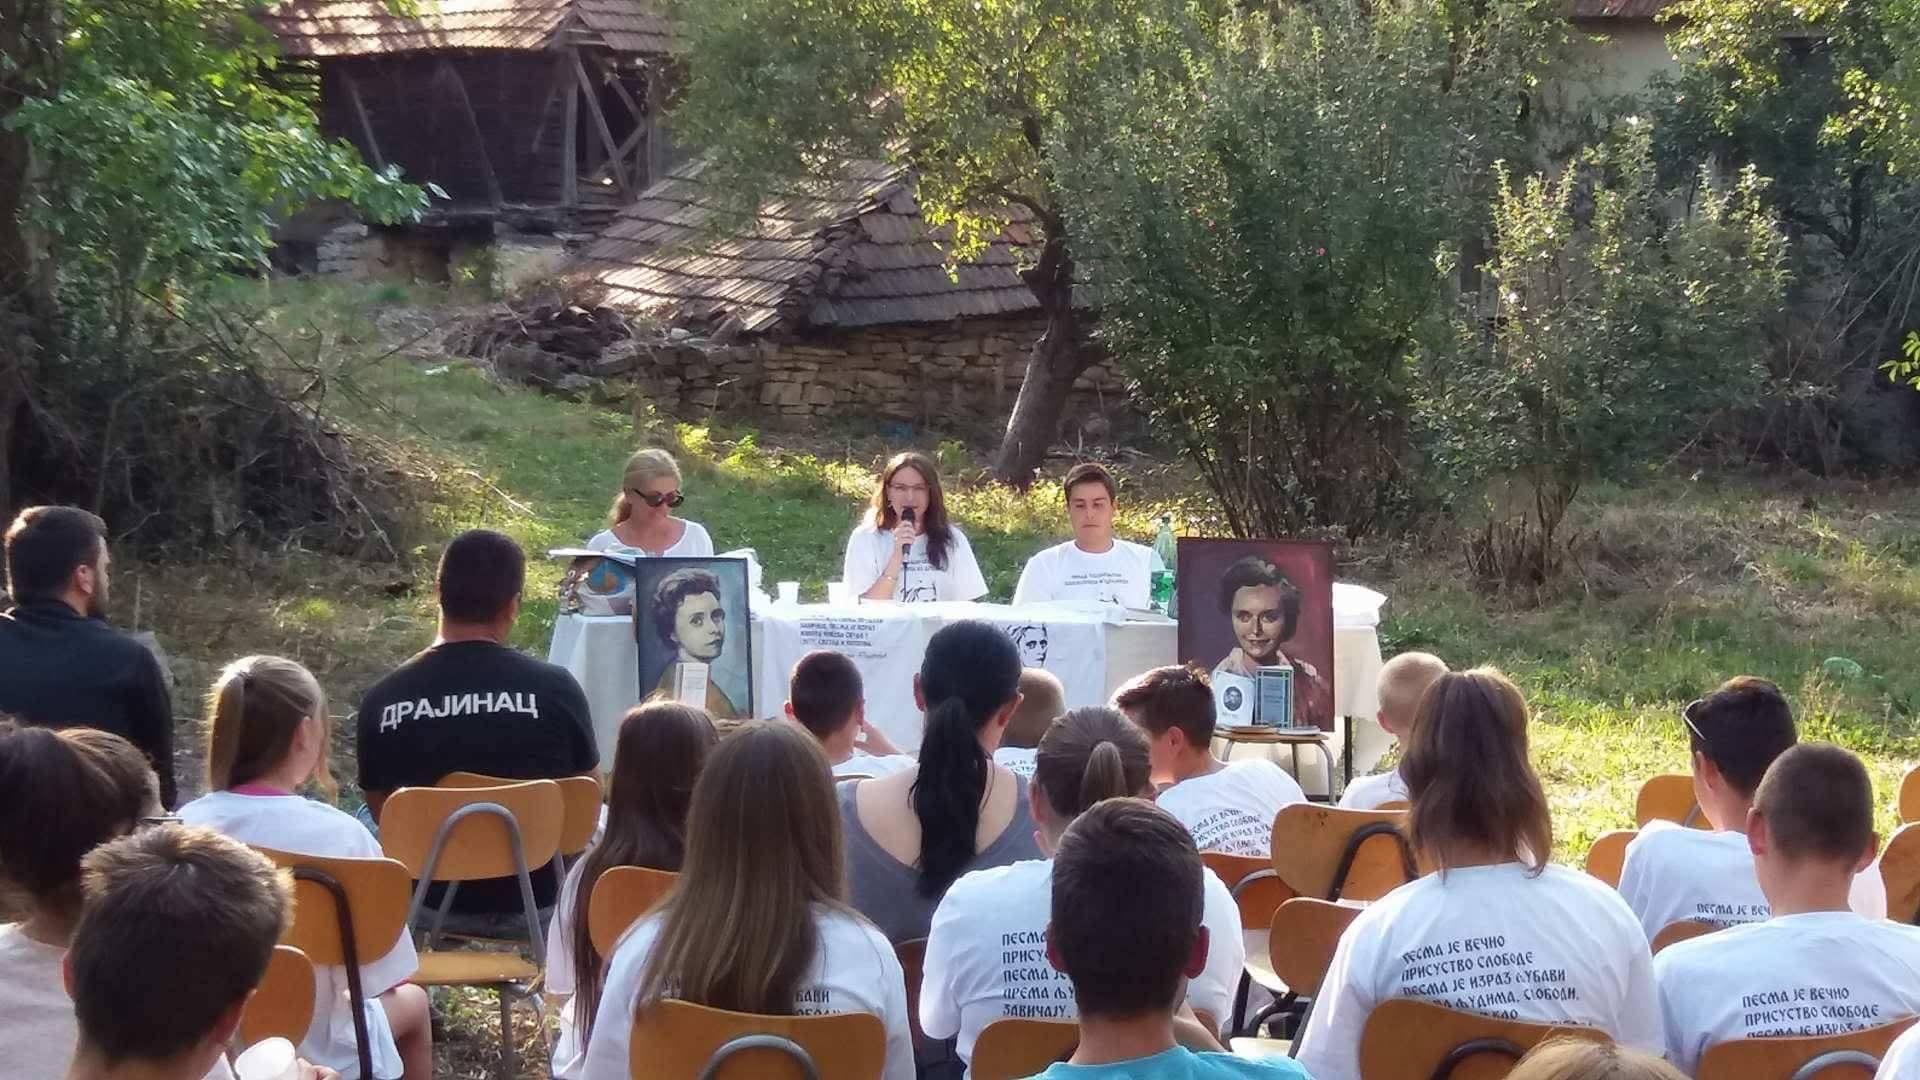 Održano književno veče u Drajincu posvećeno Gordani Todorović